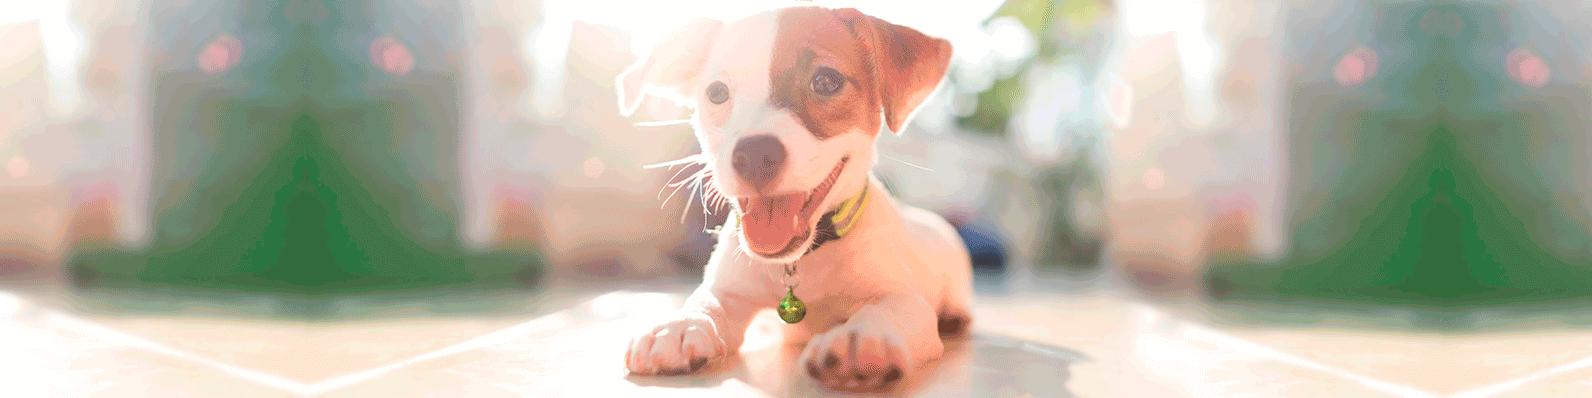 Adoptar a una mascota en cuarentena se ha convertido en una decisión muy común en varias partes del mundo. Te aconsejamos sobre el mejor animal de compañía para ti